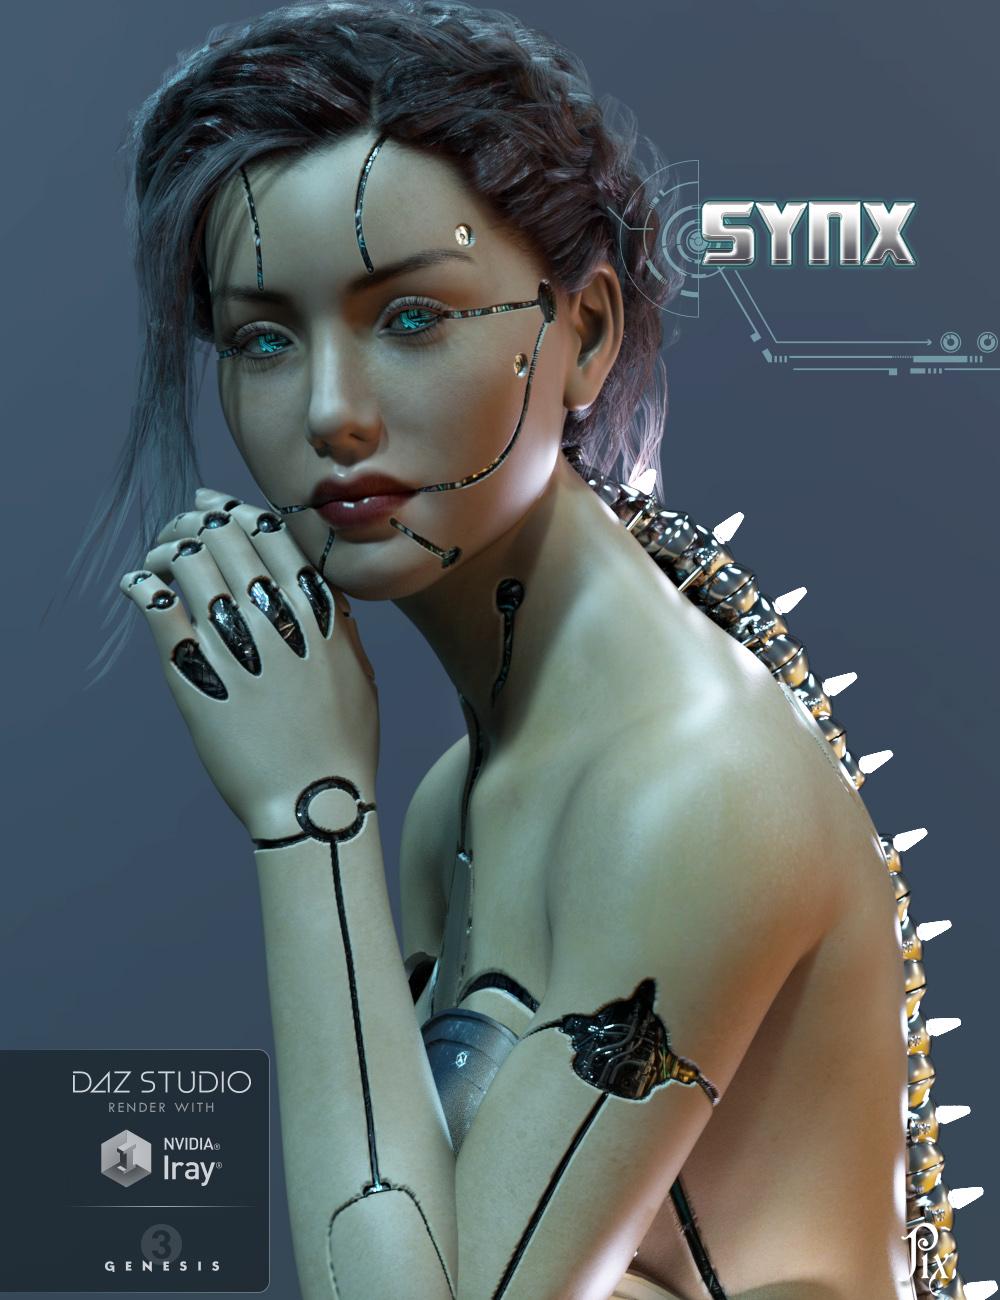 Pix - Synx for Genesis 3 Female by: PixelunaTraveler, 3D Models by Daz 3D